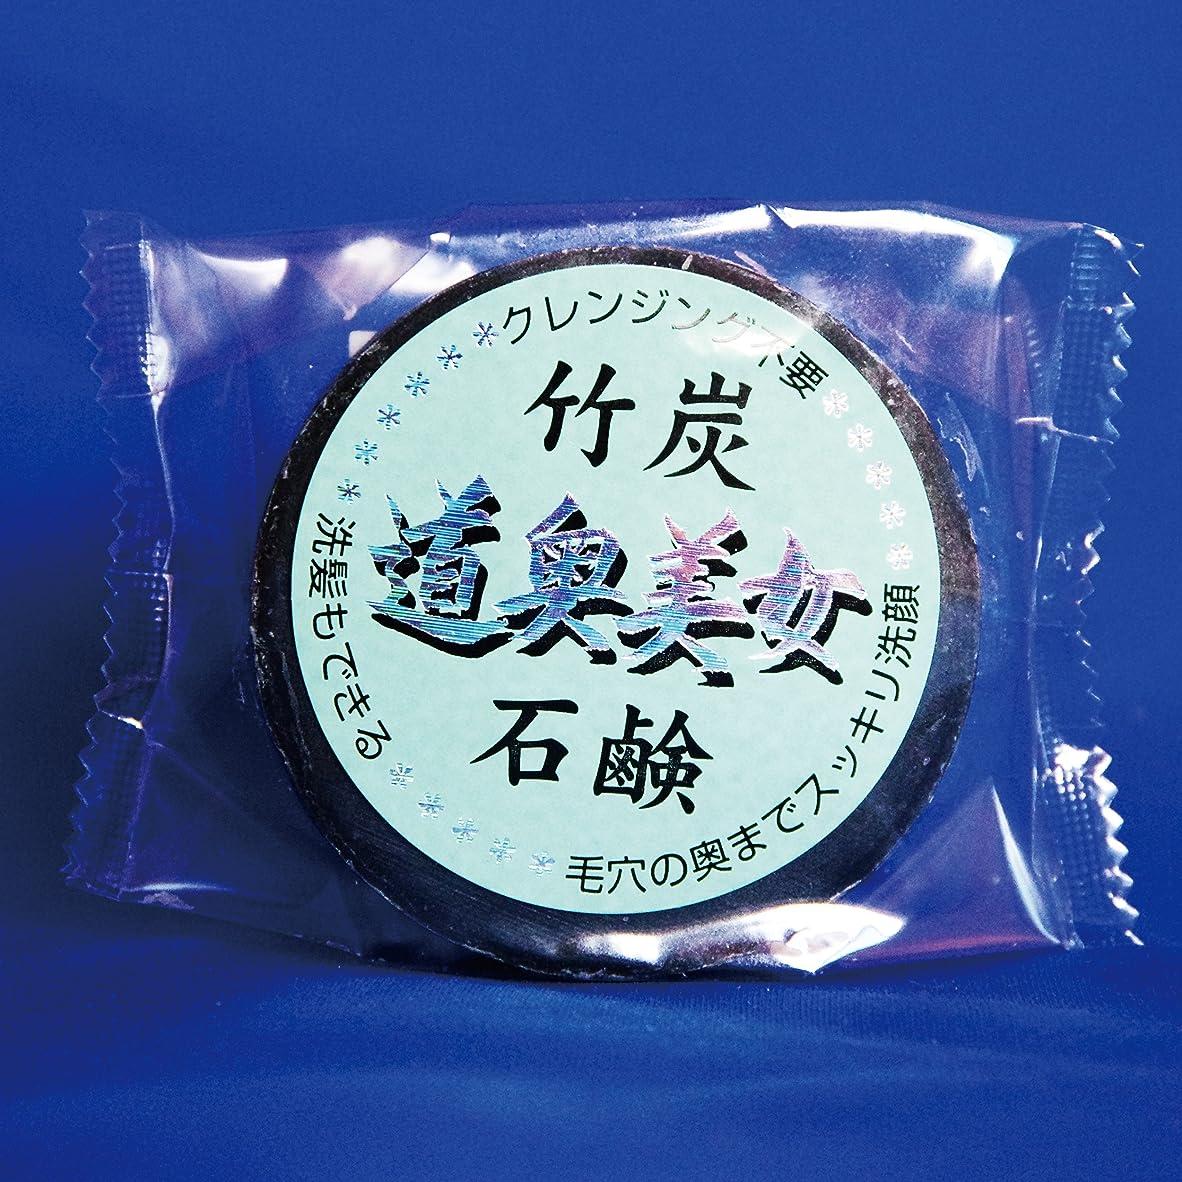 擬人放つダメージ竹炭石鹸 100g クレンジング不要 (100g) 手作り透明石鹸 化粧石ケン